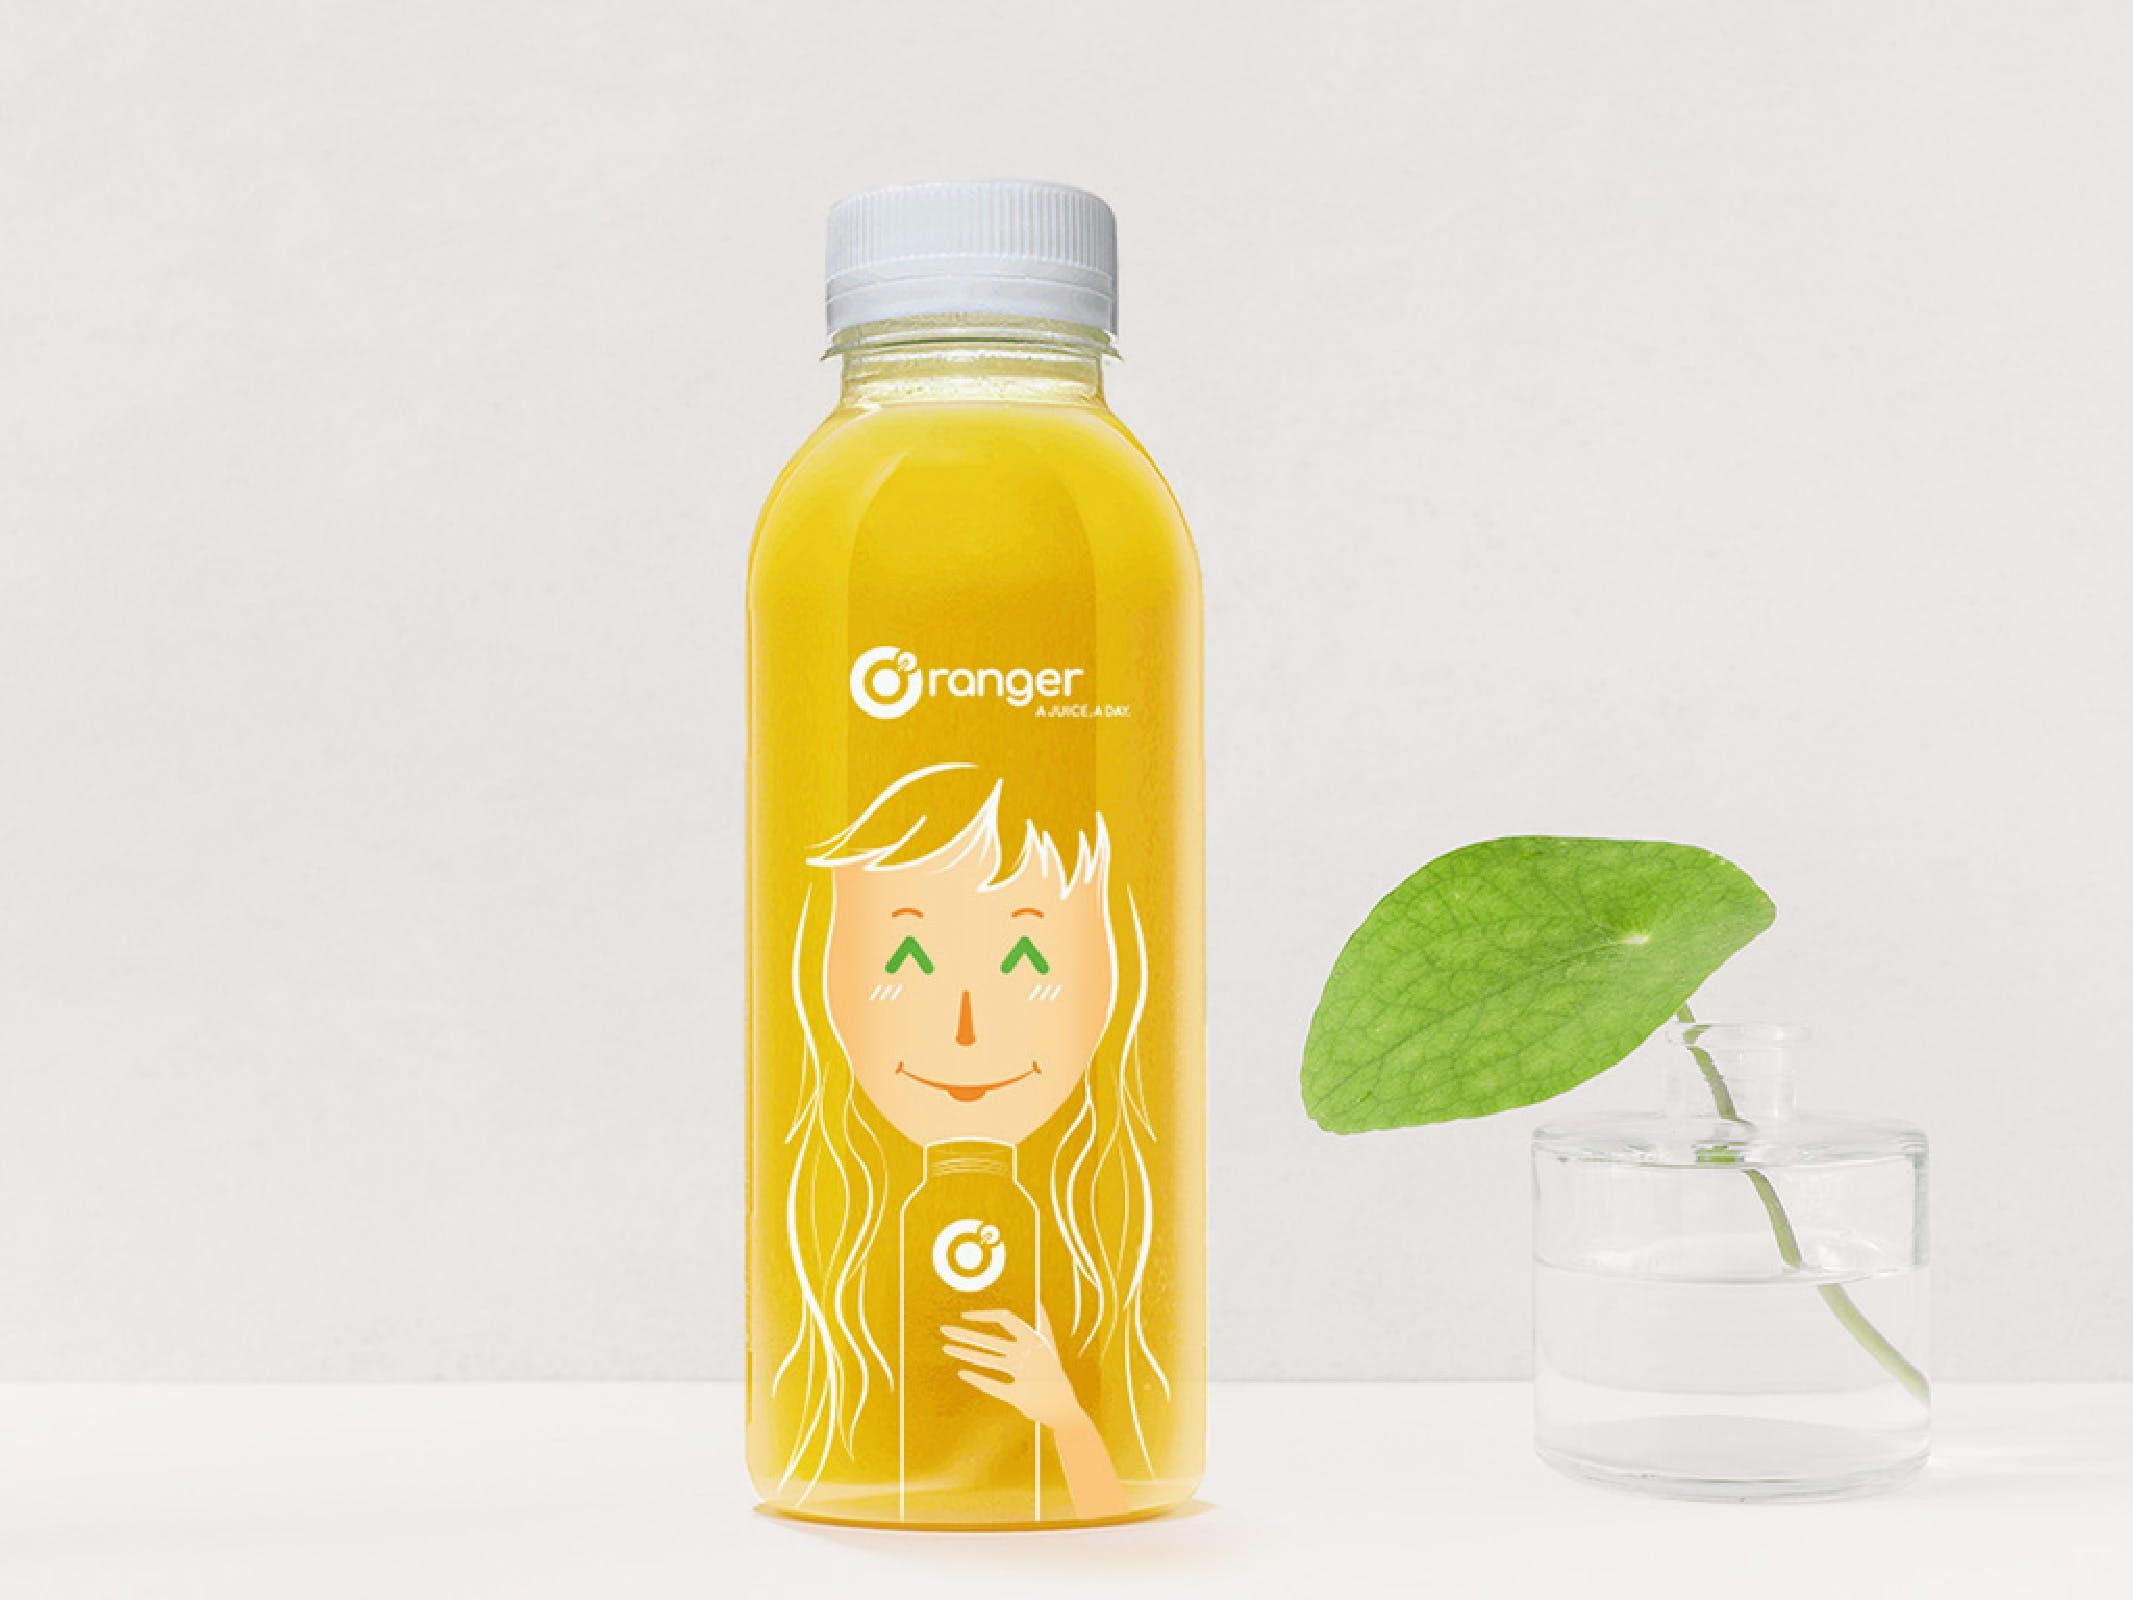 Oranger Juice - Anything